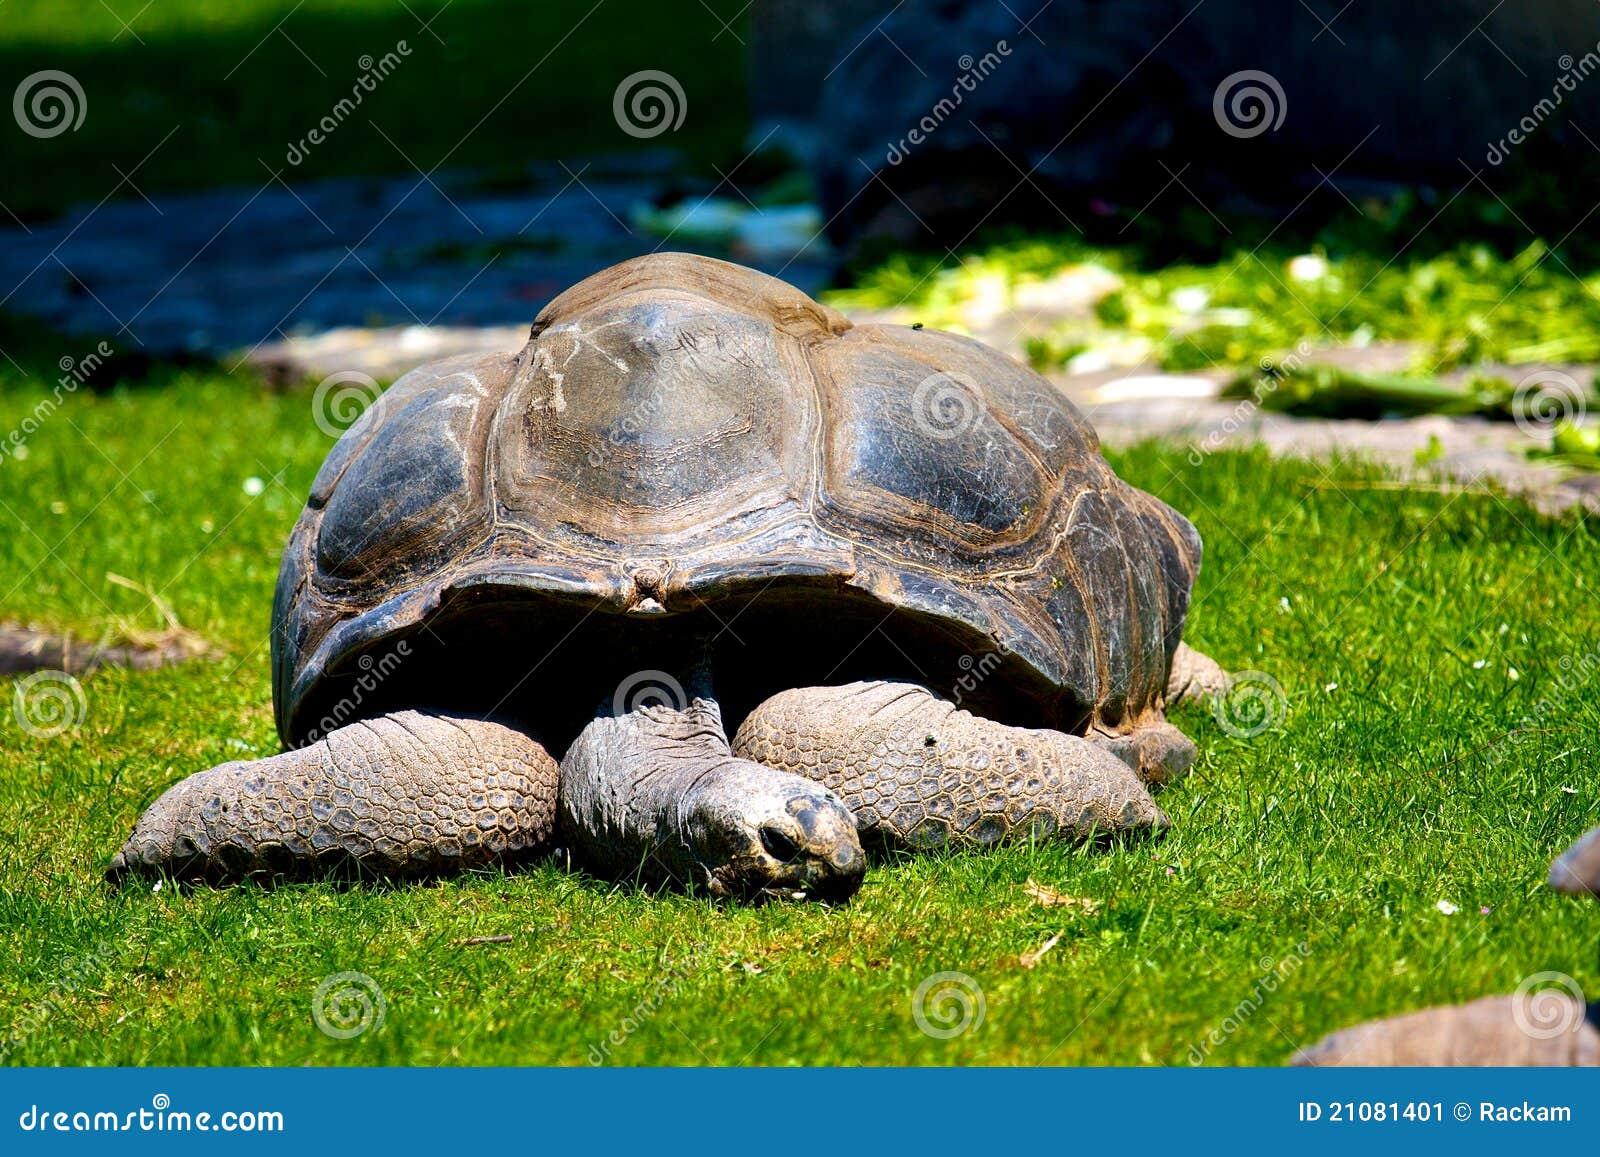 Tortuga gigante el dormir las Islas Gal3apagos